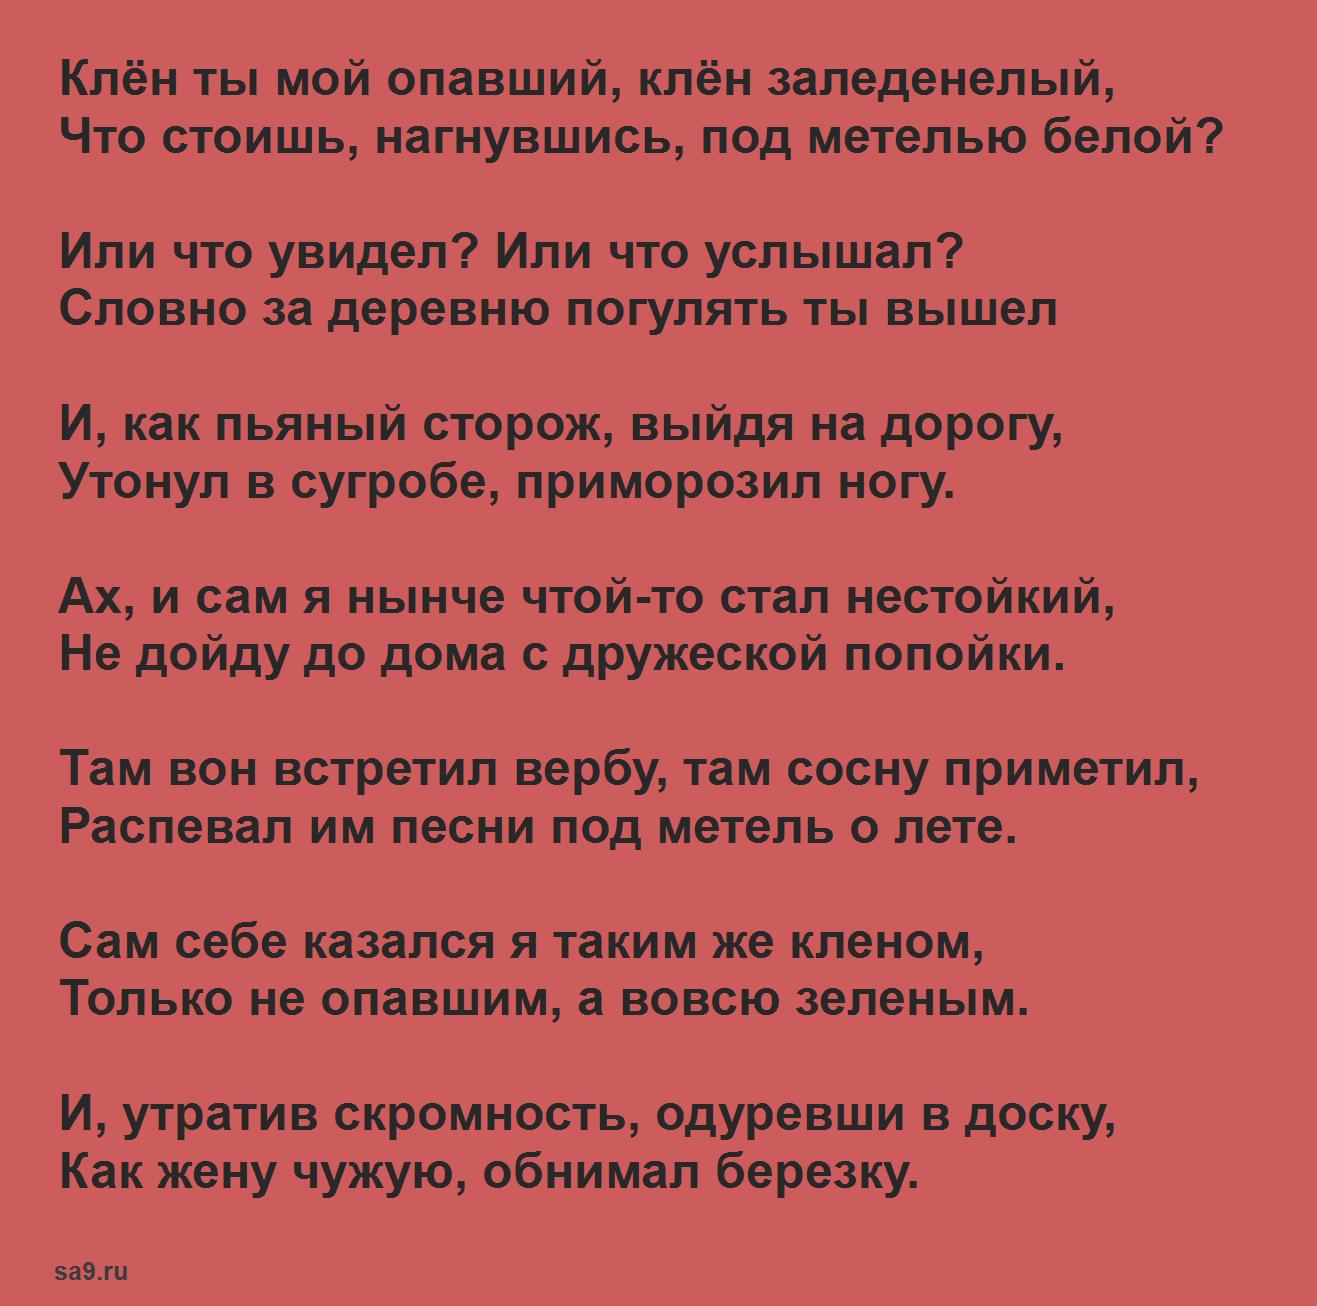 Скачать стихи Есенина - Клен ты мой опавший